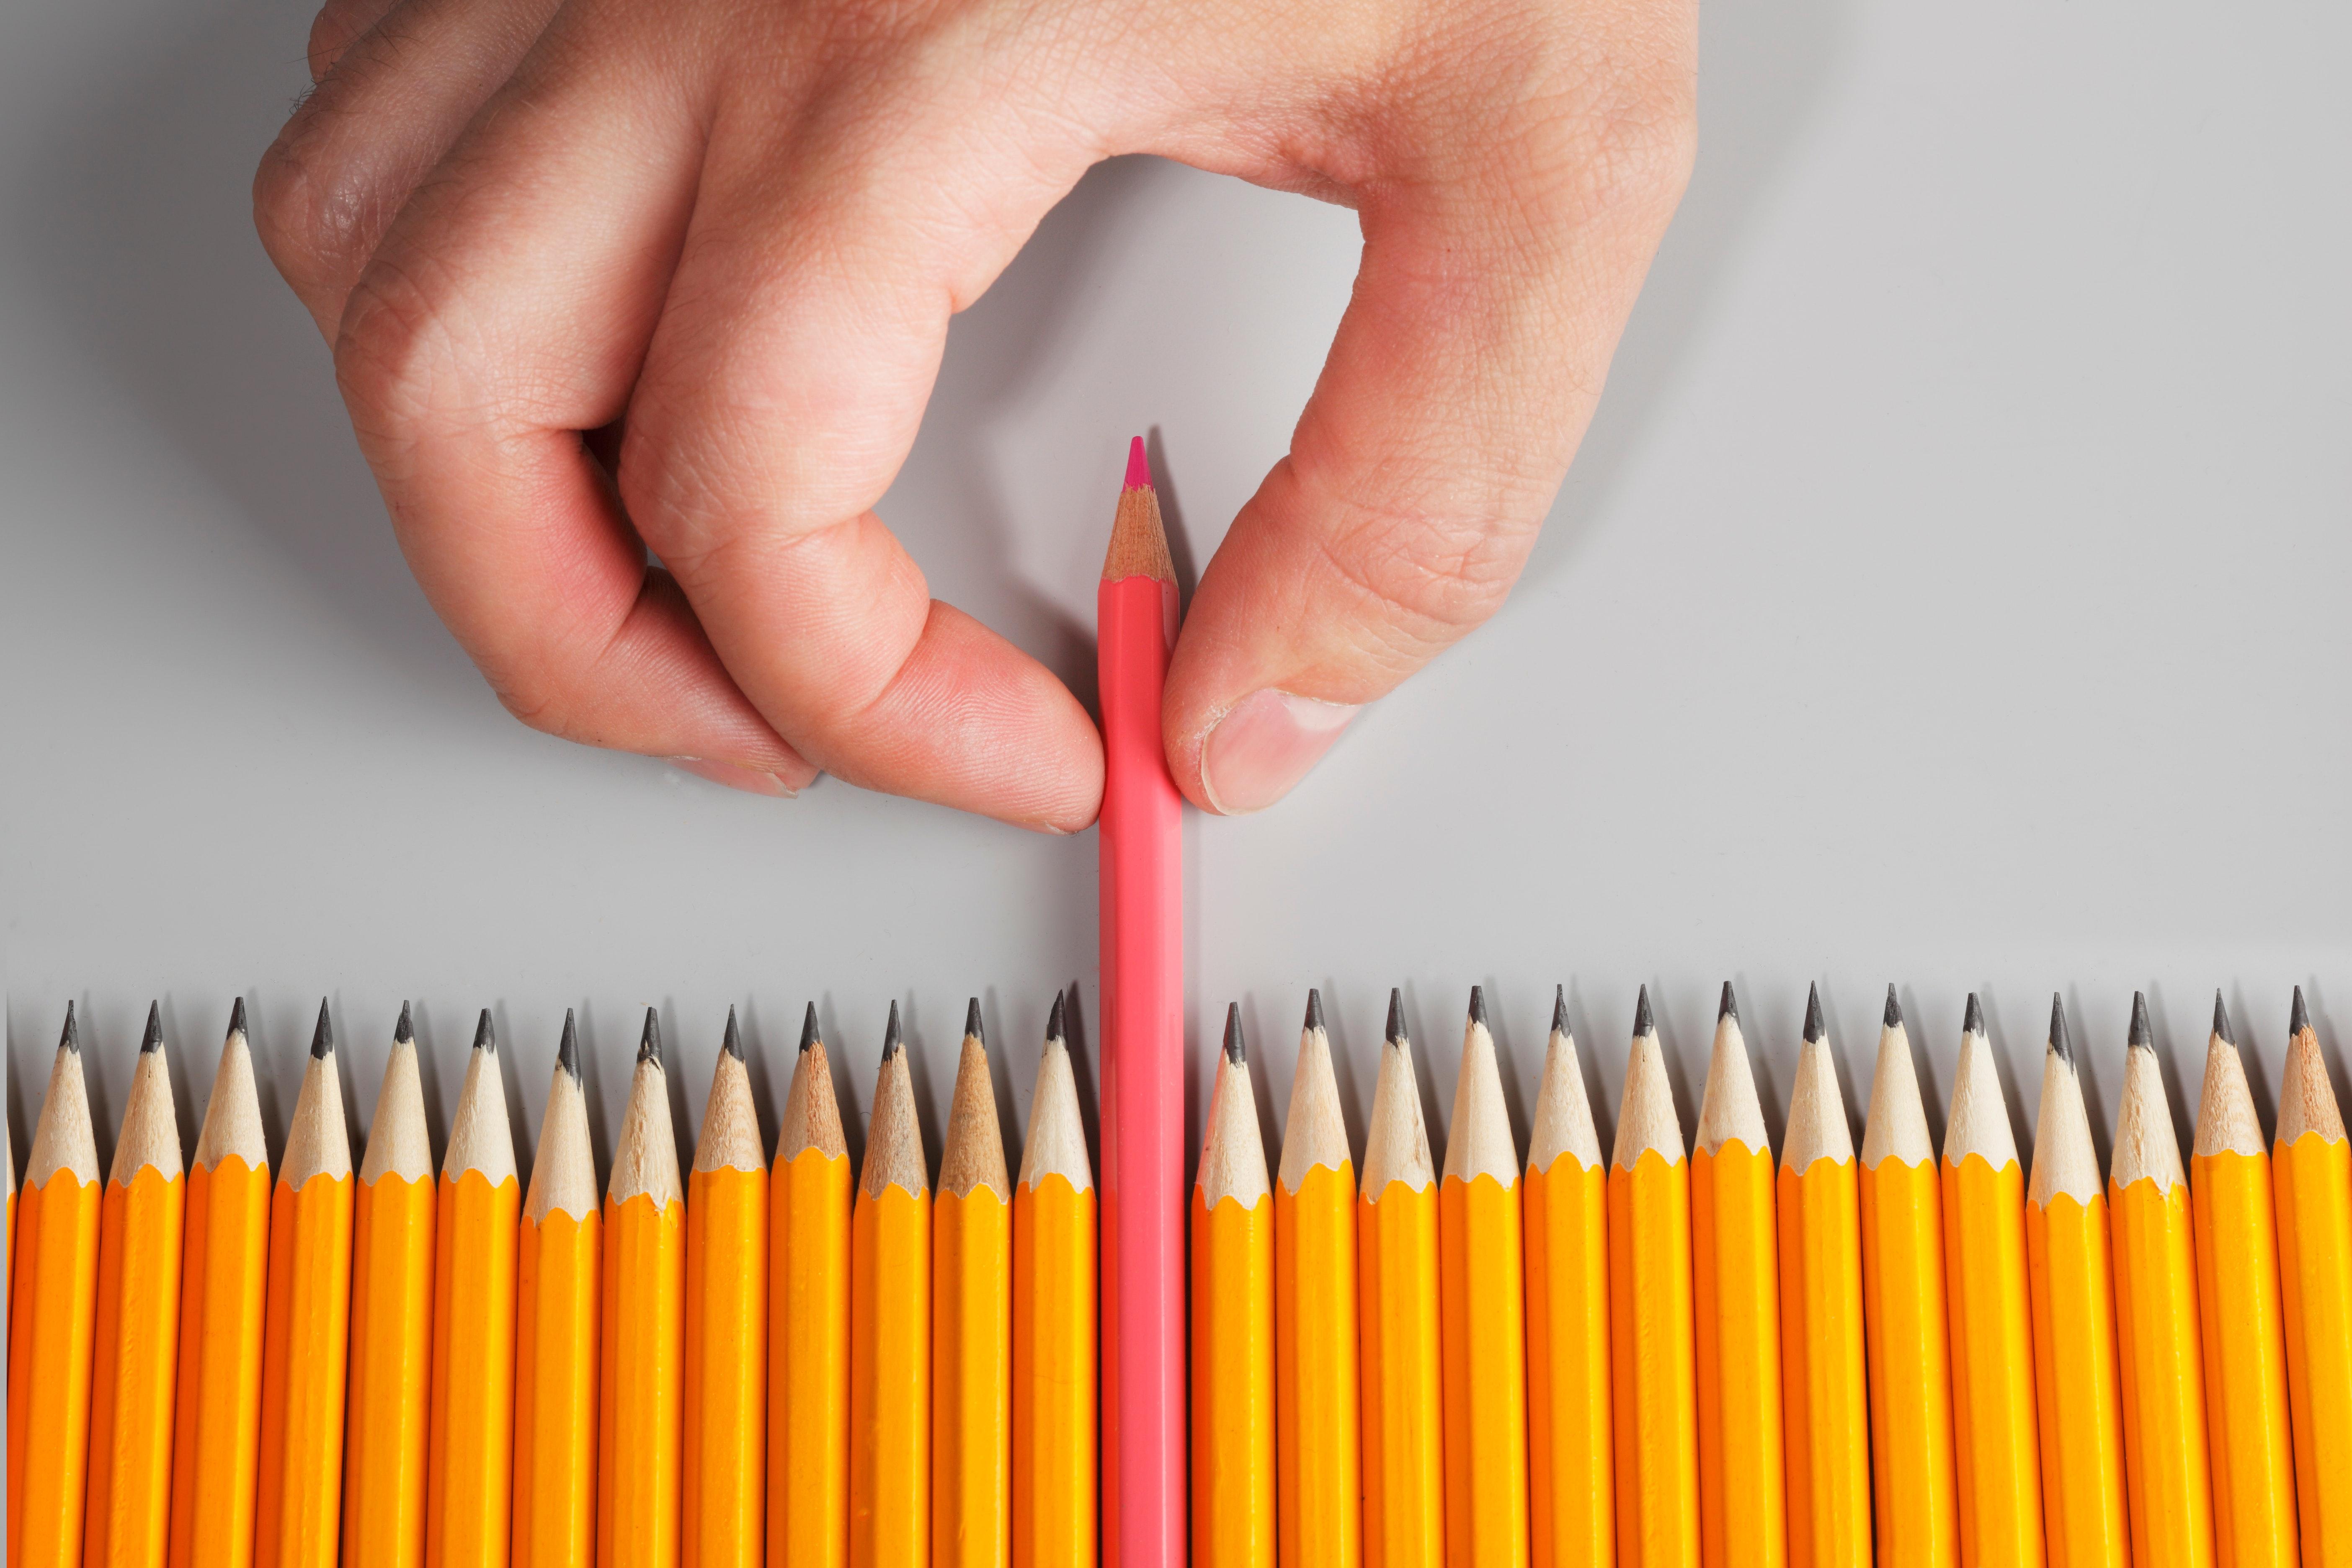 Stift symbolbild studentische hilfskraft berufsbild.ec14acedadd375d38123210769d06c21d